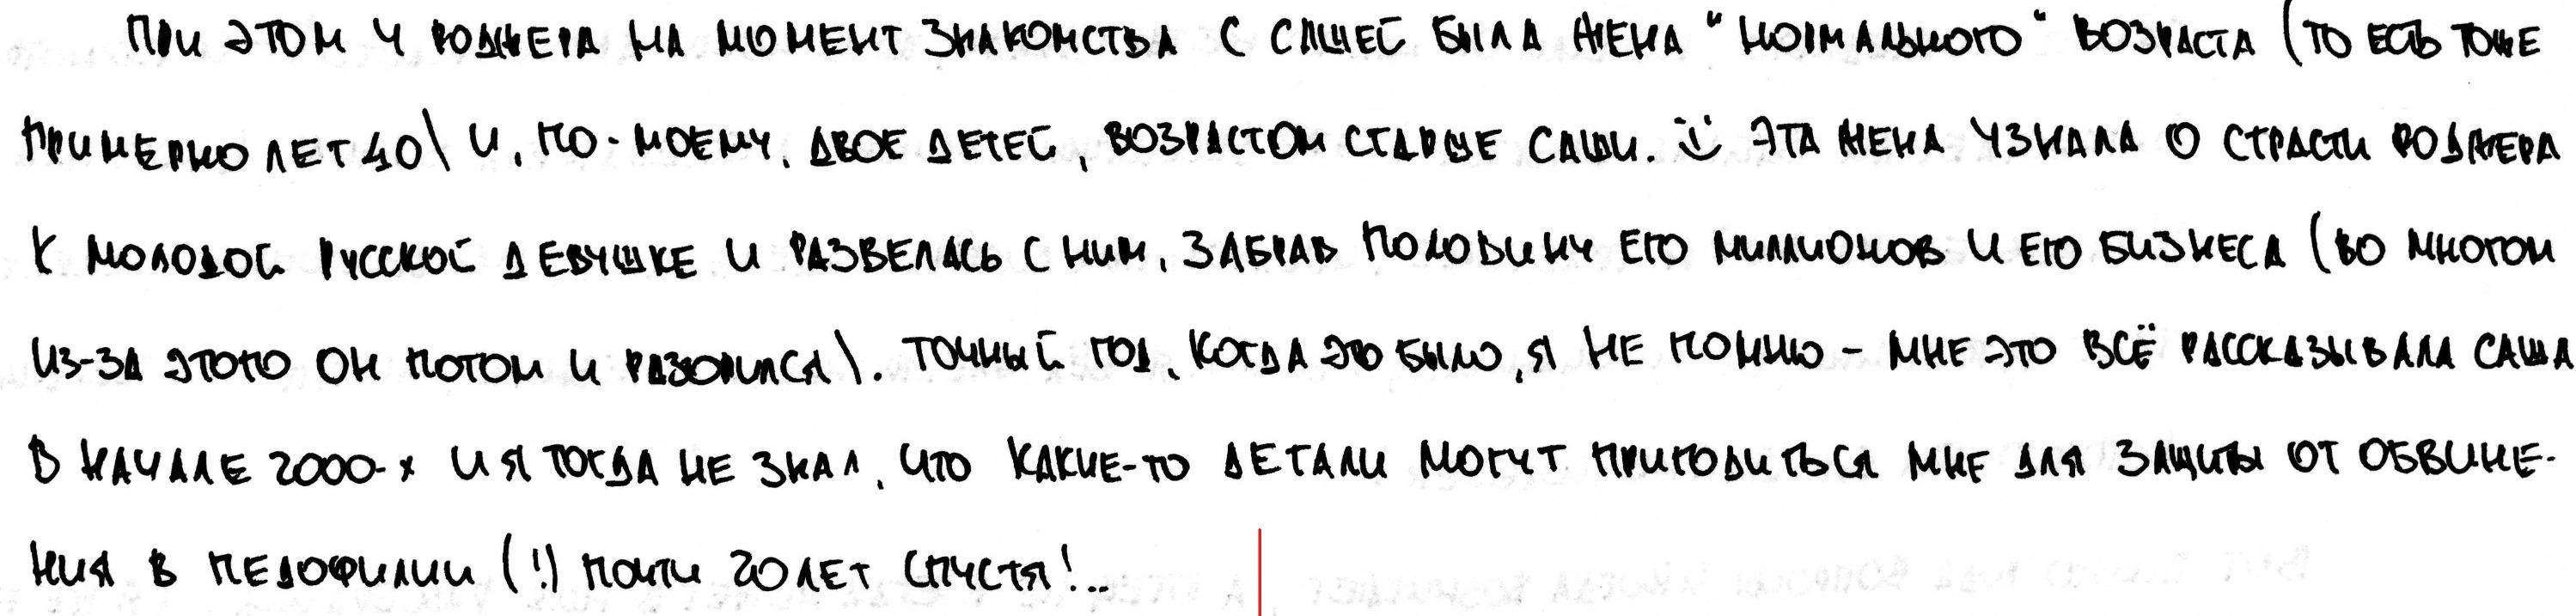 Выдержка из письма, написанного обвиняемым в следственном изоляторе